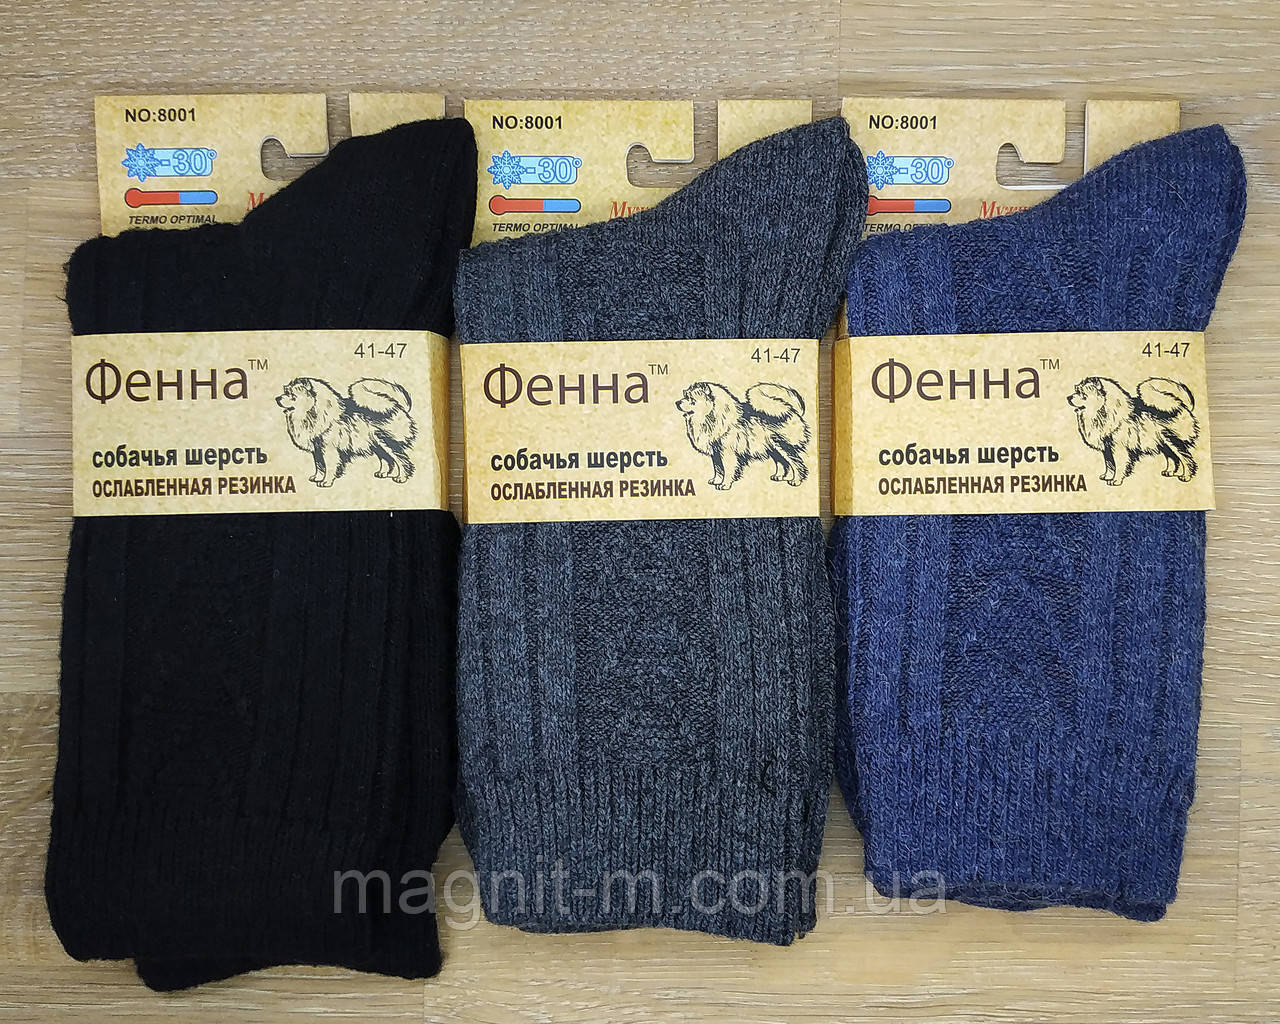 """Чоловічі зимові шкарпетки """"Фенна"""". Собача шерсть. №8001."""